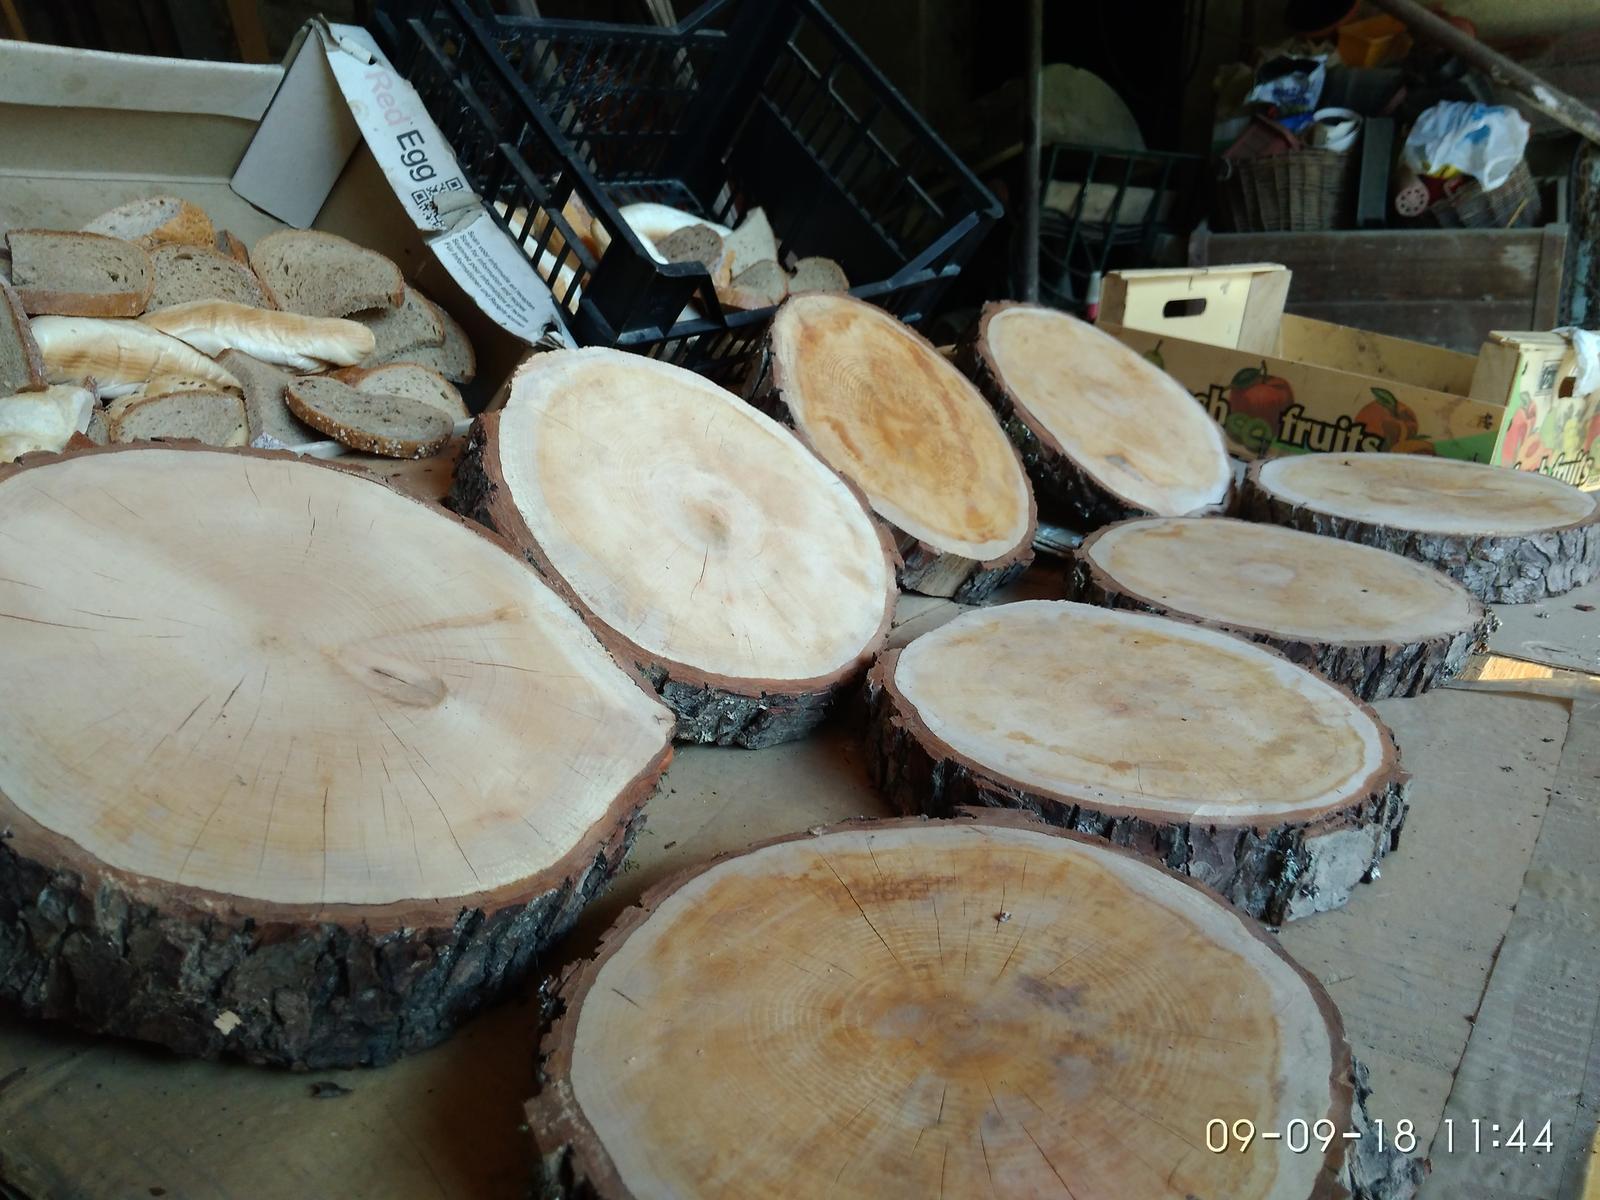 Dřevěné kulatiny / podnosy / dekorační pláty dřeva - Obrázek č. 2